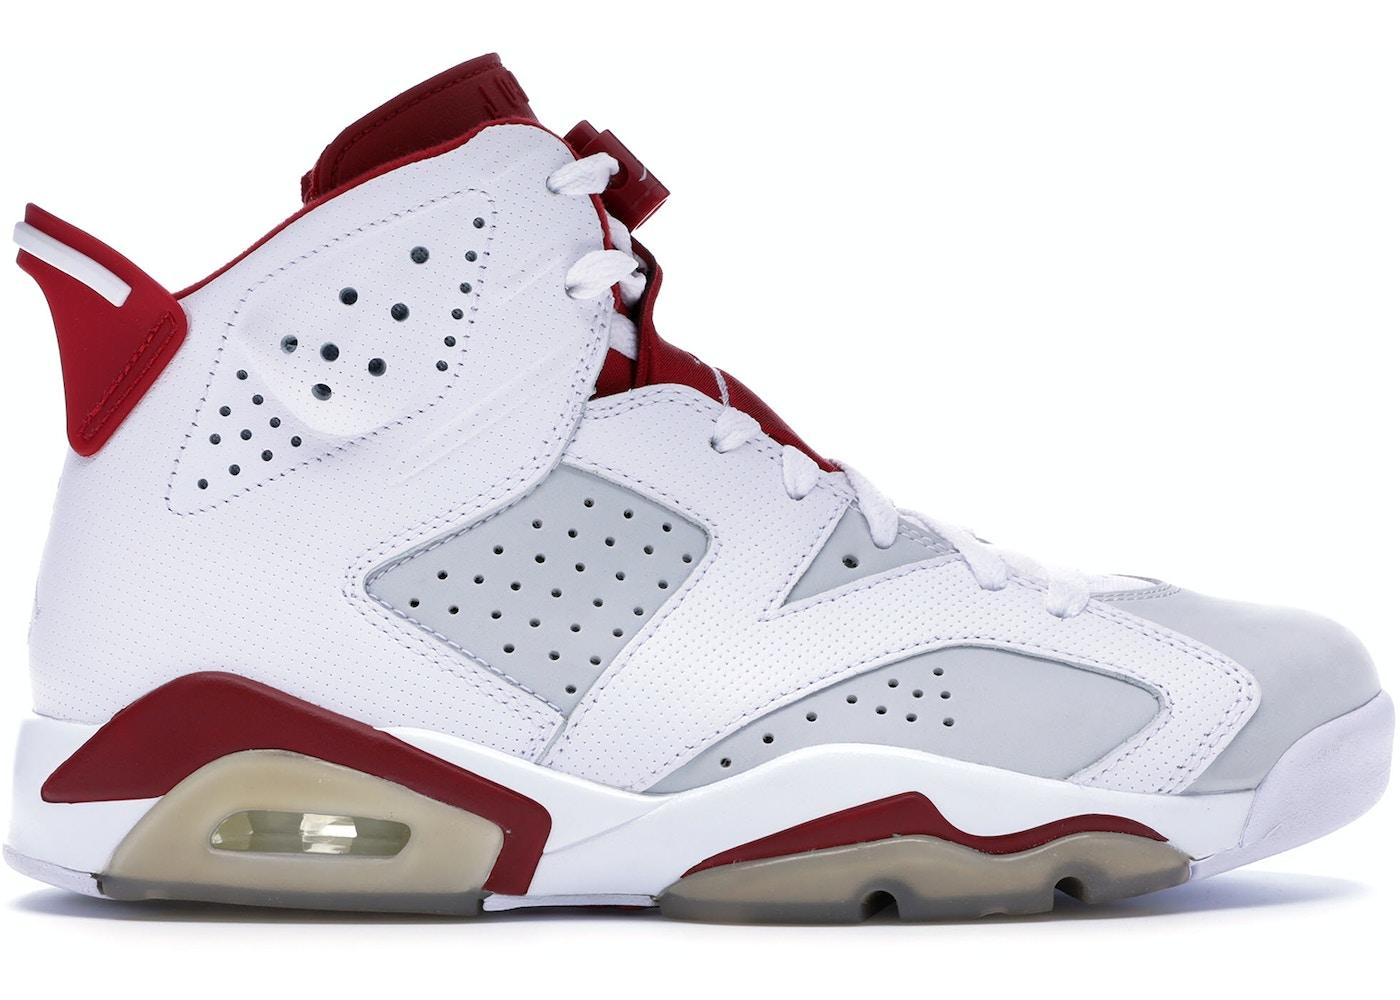 5fb508c001a23d Buy Air Jordan 6 Shoes   Deadstock Sneakers